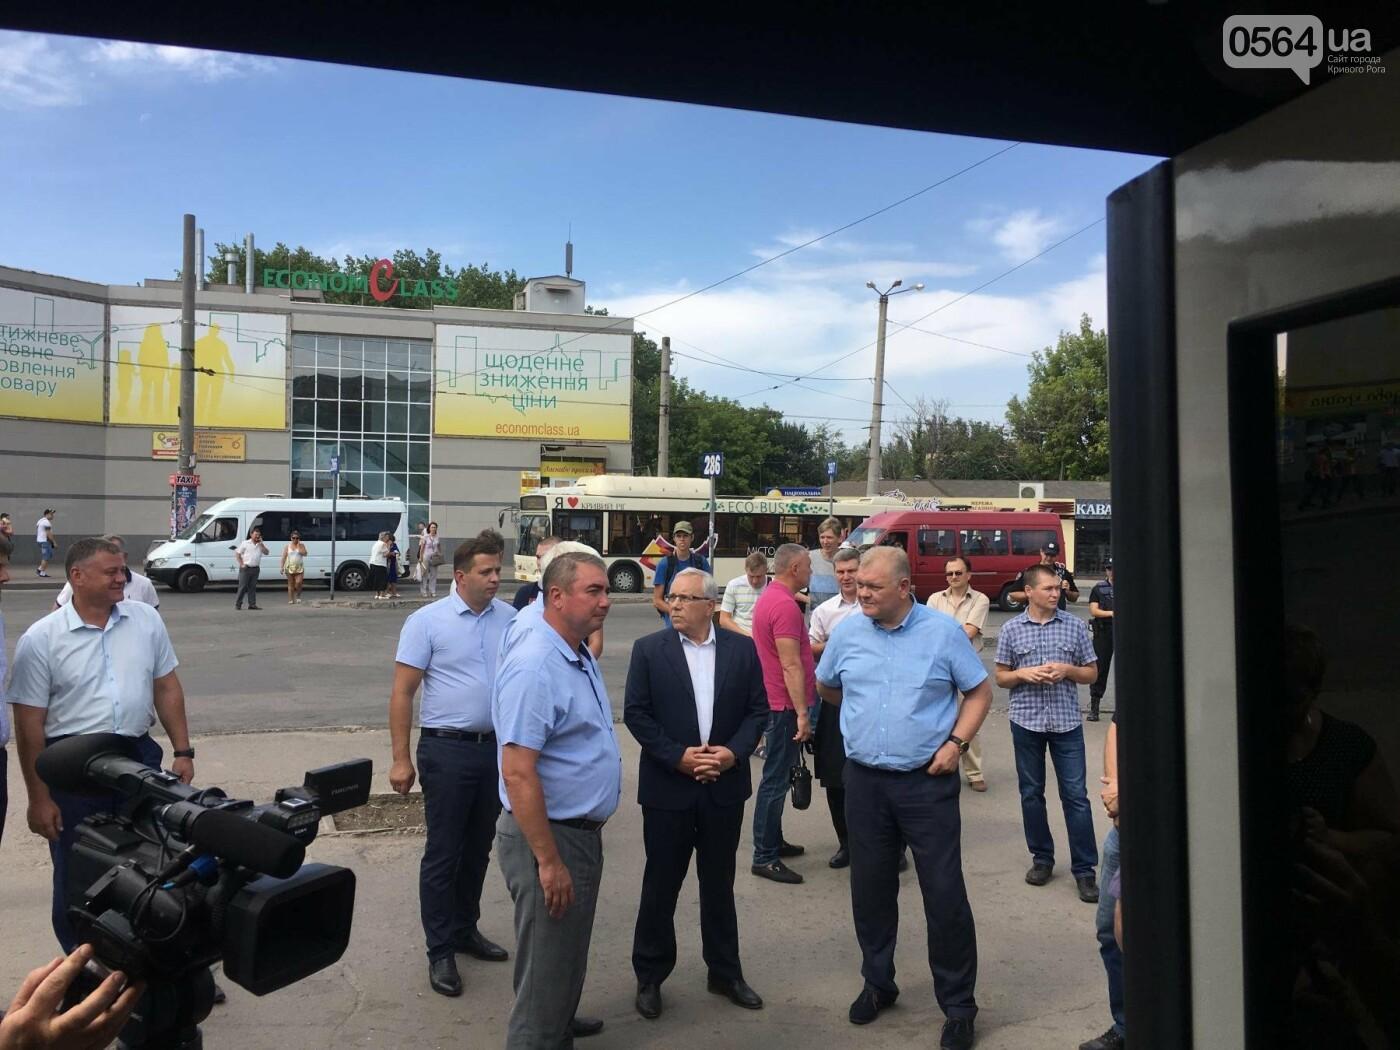 В Кривом Роге выпустили на линию новые троллейбусы и уже думают, как и сохранить их белыми и чистыми, - ФОТО, ВИДЕО, фото-29